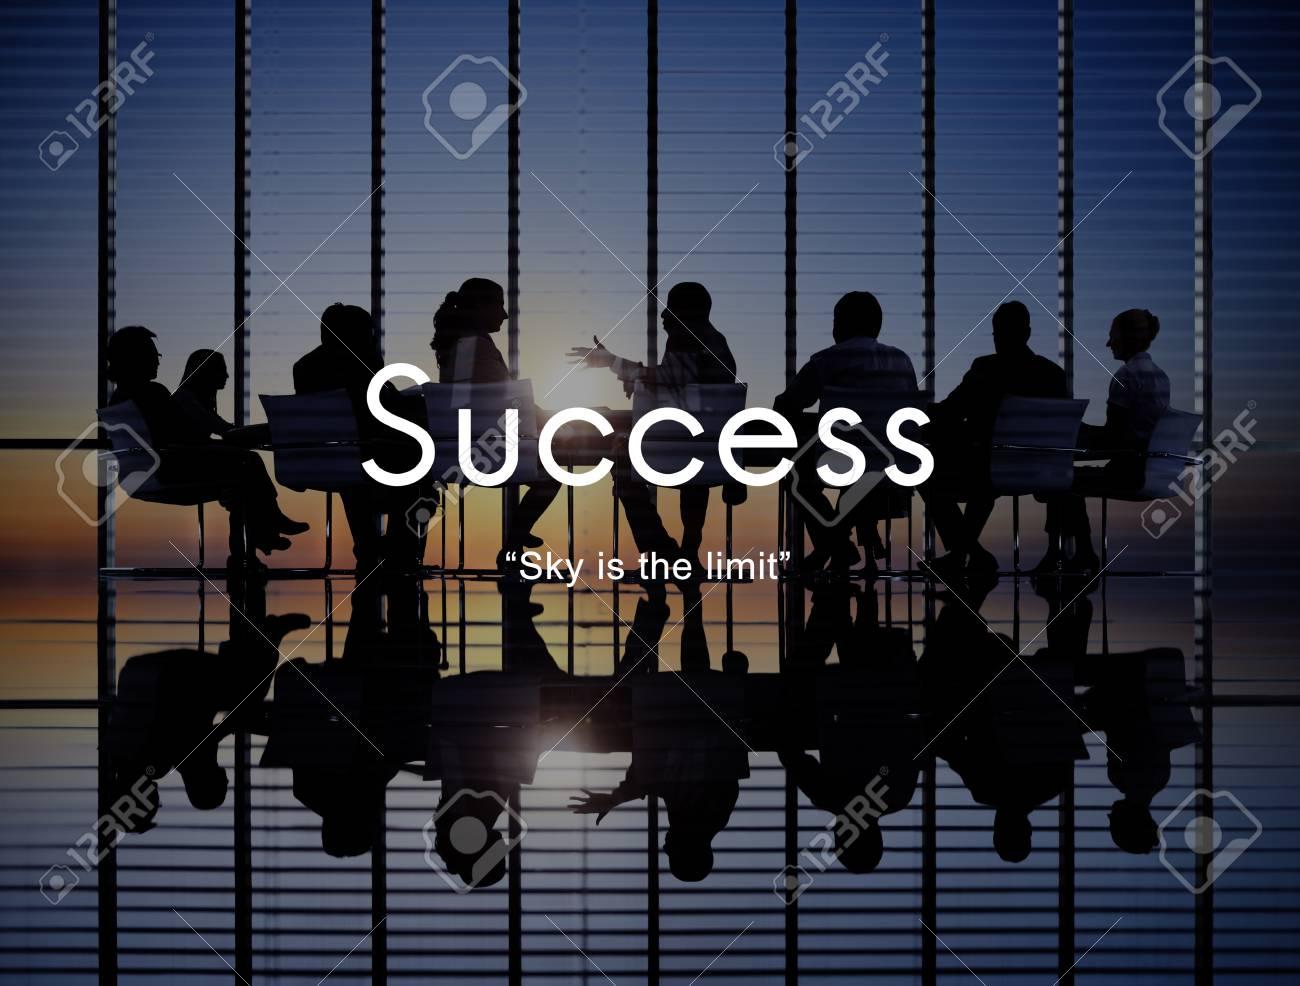 Success Improvement Development Achievement Accomplishment Concept - 120204251